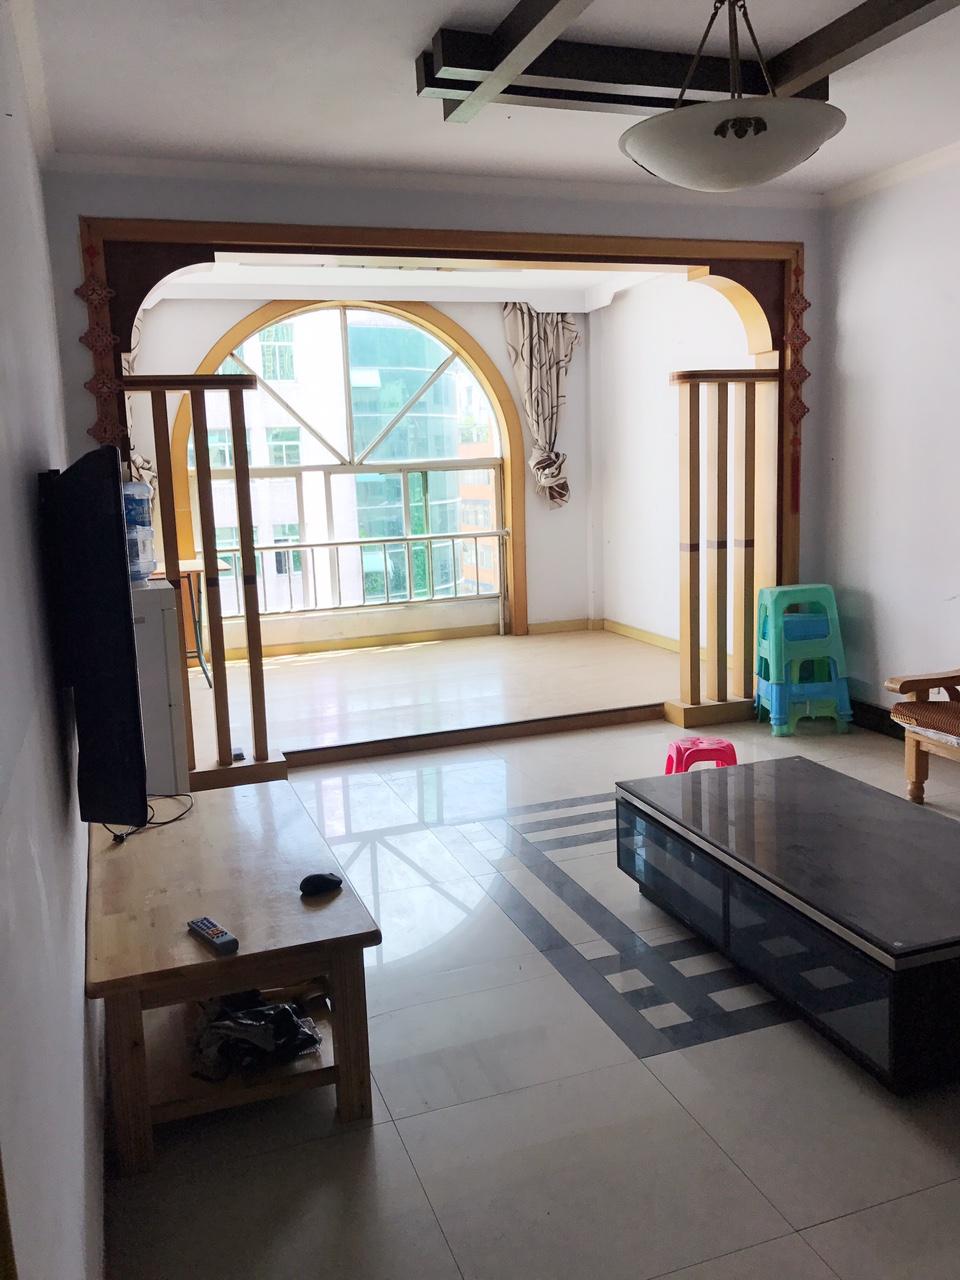 祥龙苑学区房170平米,4房3厅2卫楼中楼